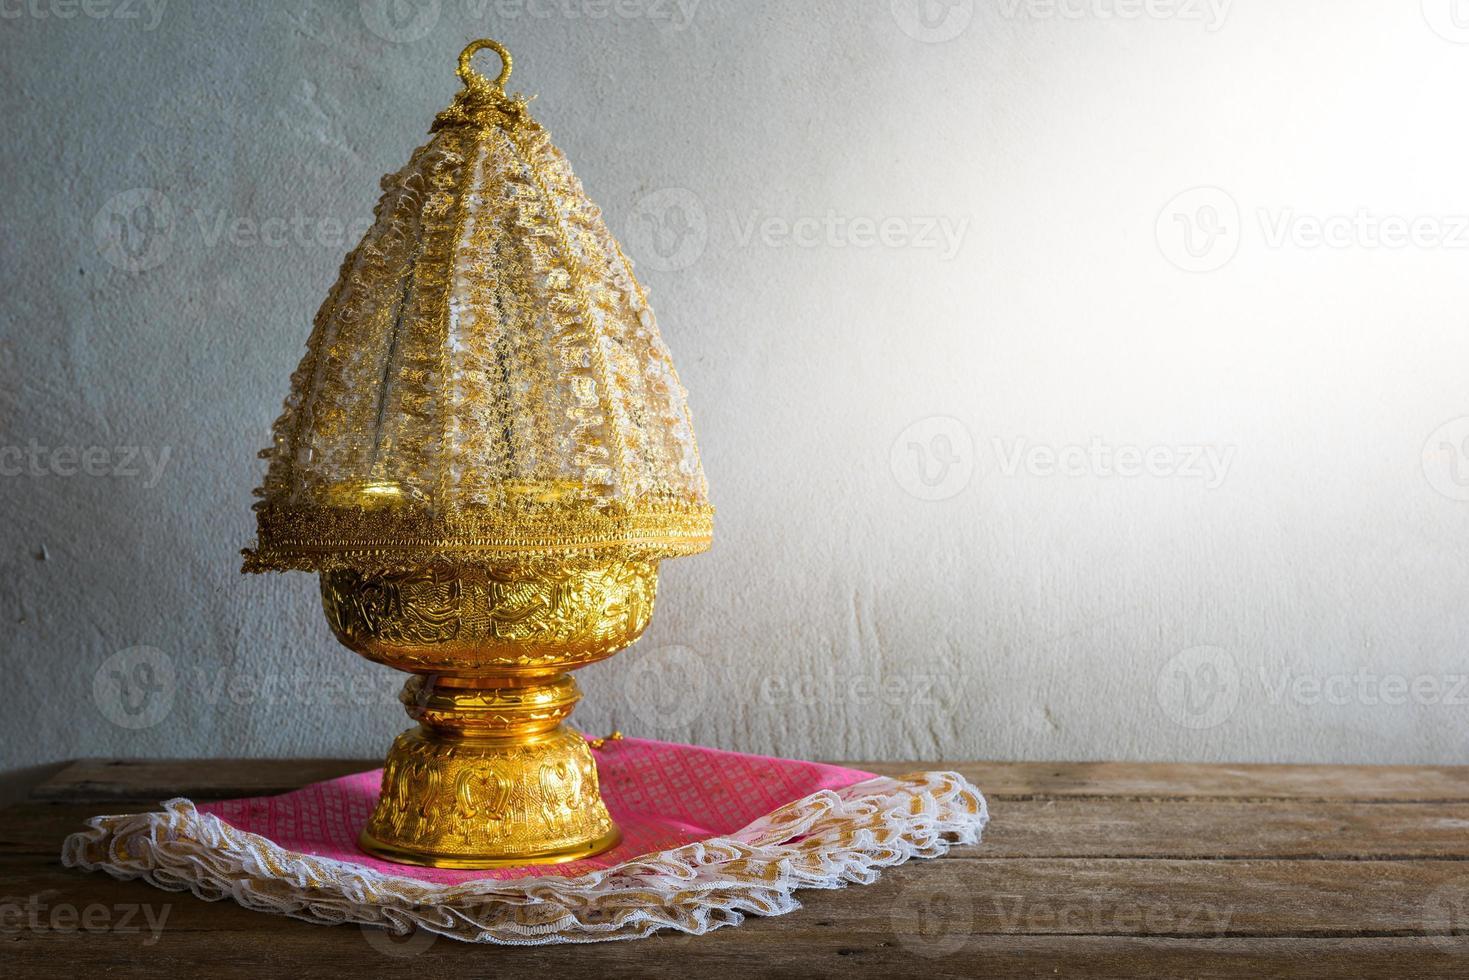 Thailand Gold Tablett mit Sockel foto